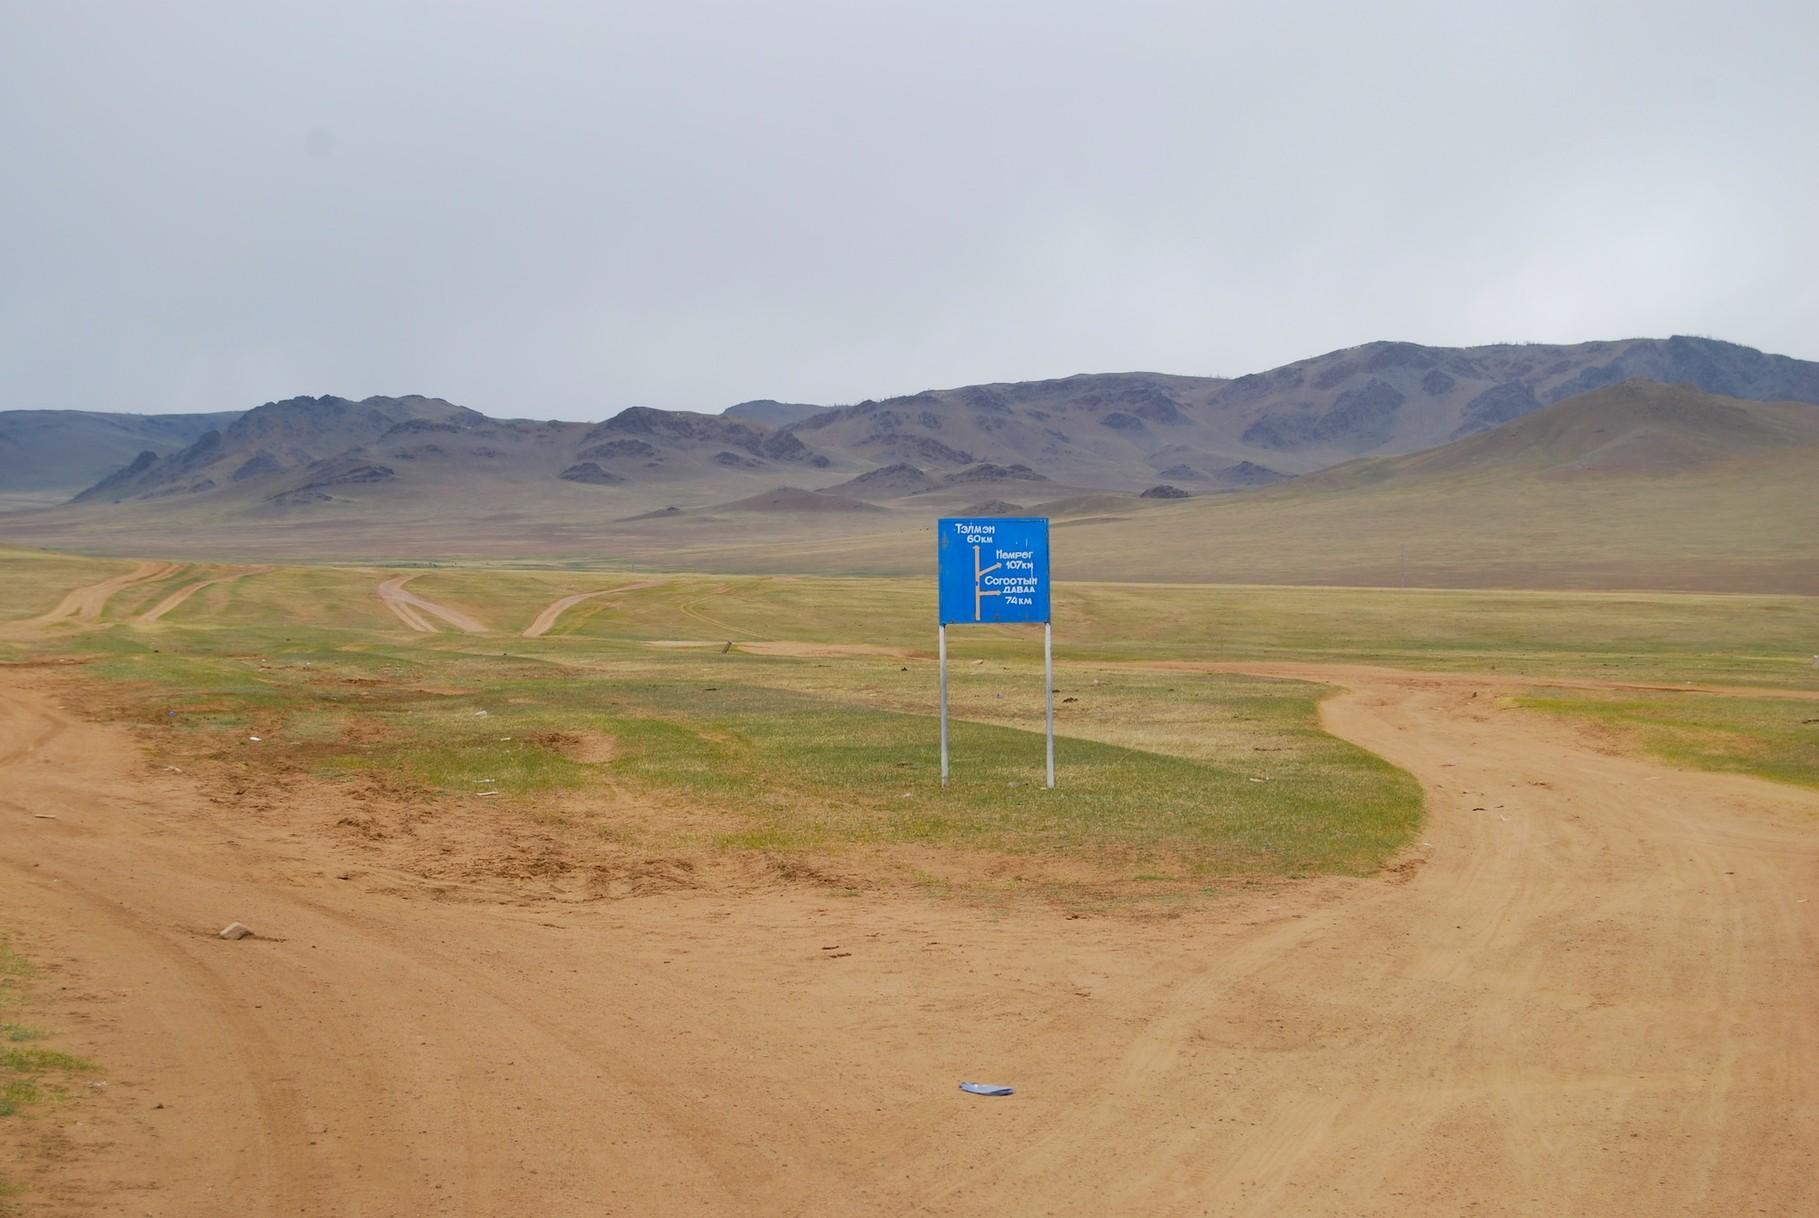 Unser erstes mongolisches Straßenschild außerhalb von Ulaan Baator